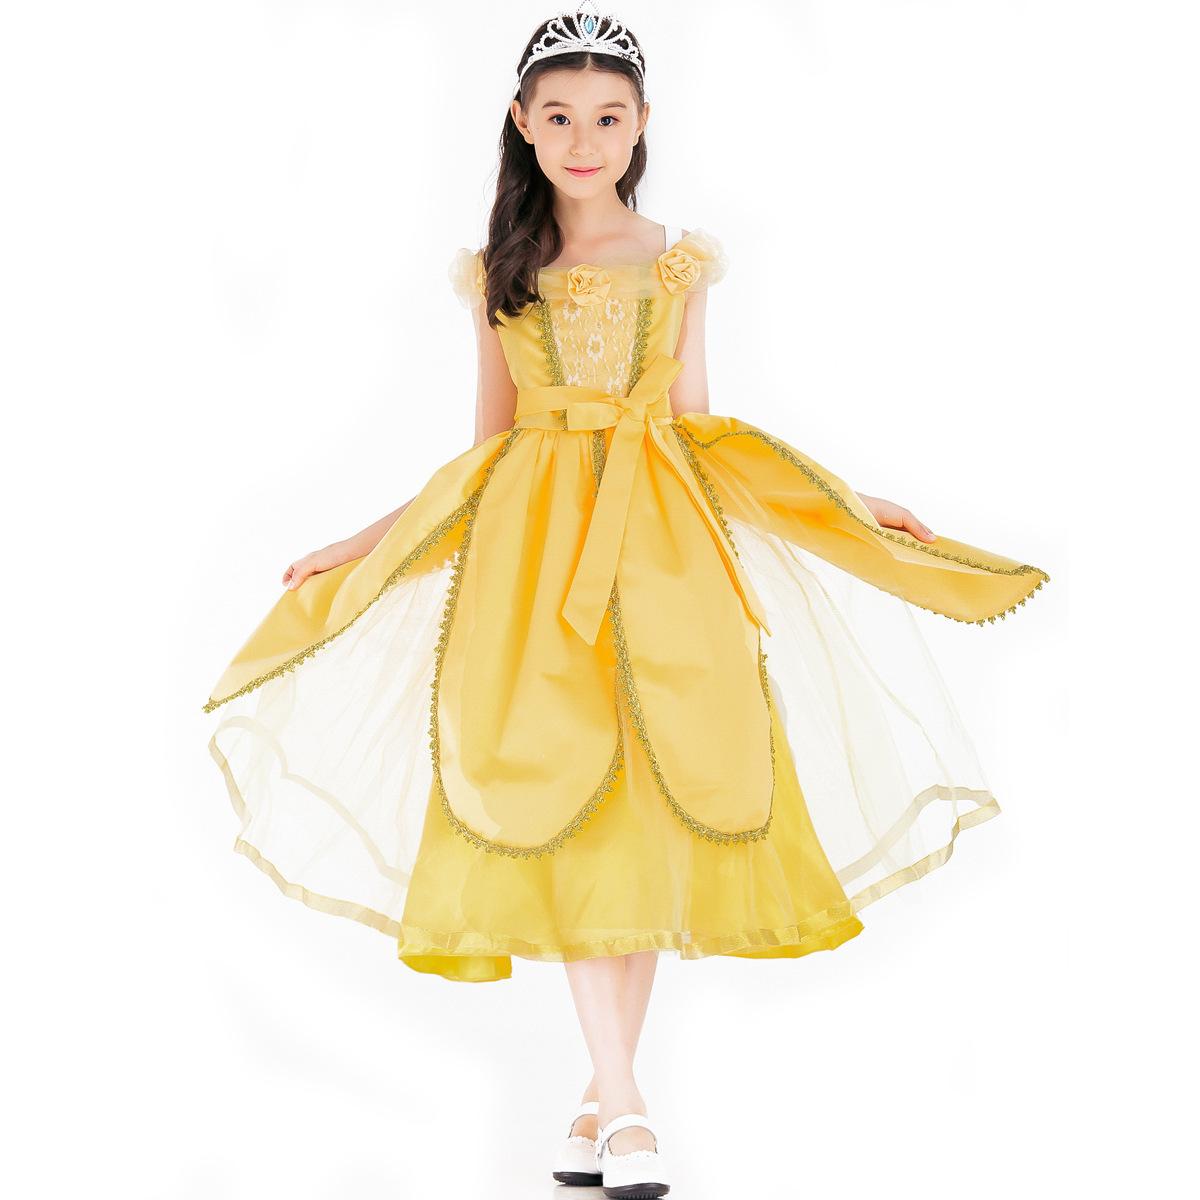 Prinzessin Belle Damen Kostum Fasching Kleid Maxikleider Partykleid